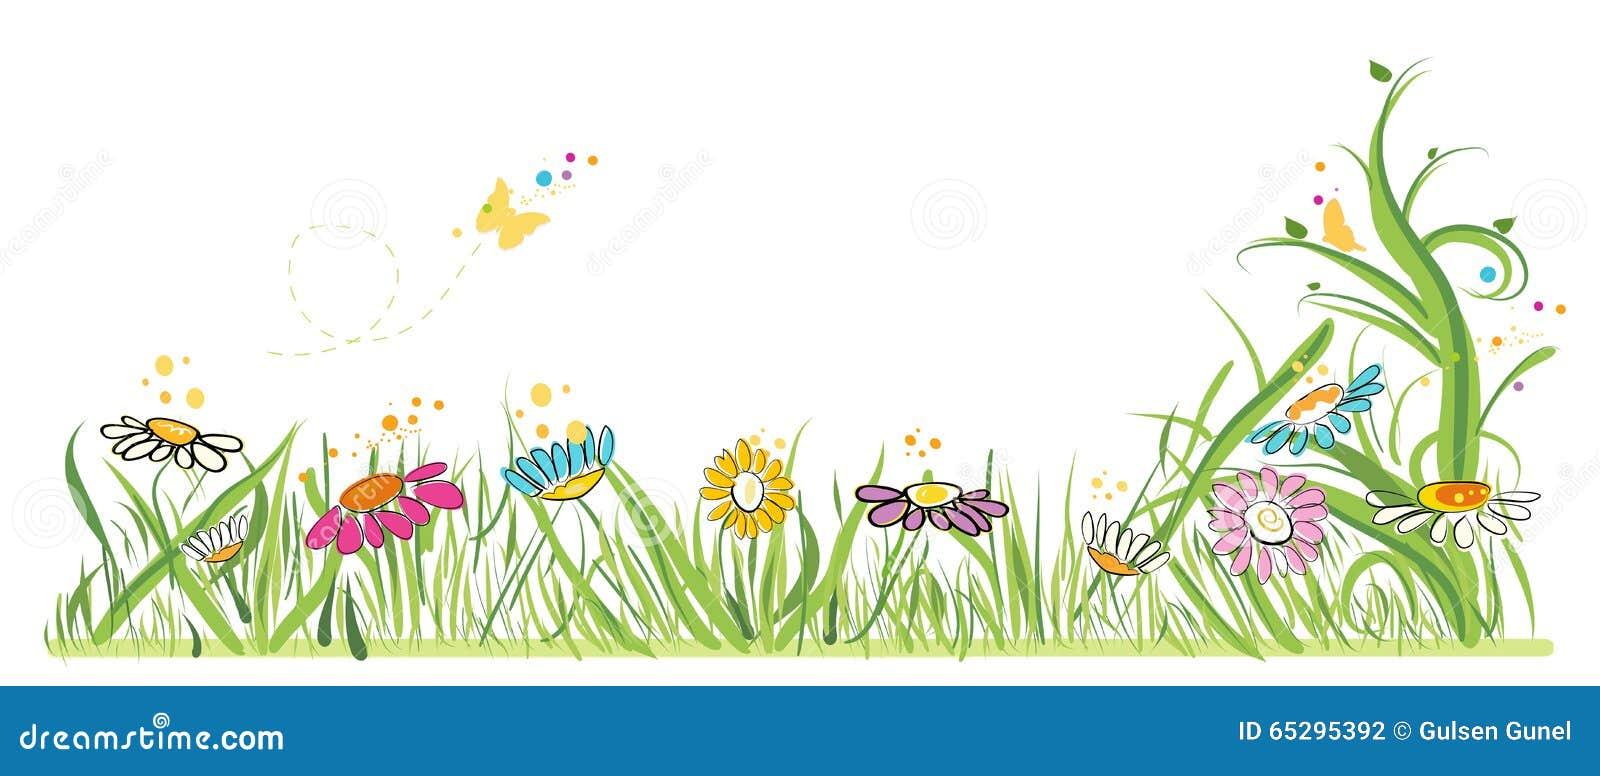 clipart printemps nature - photo #31